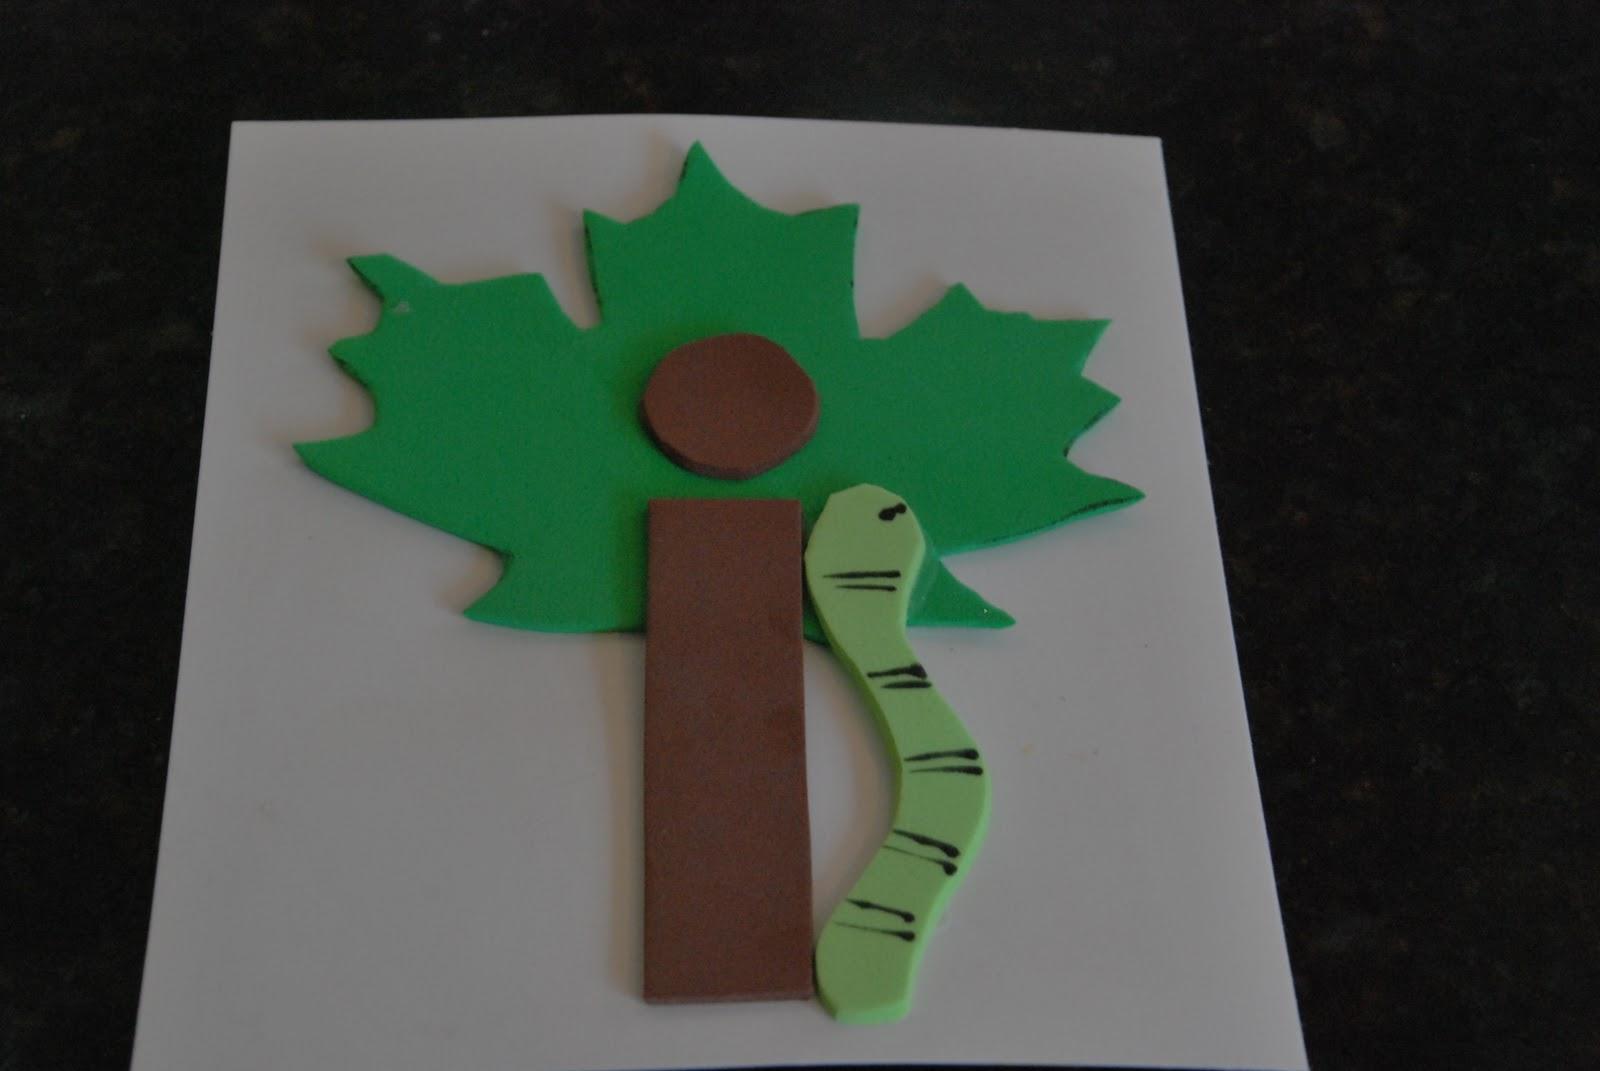 Letter I or i crafts - Preschool and Kindergarten